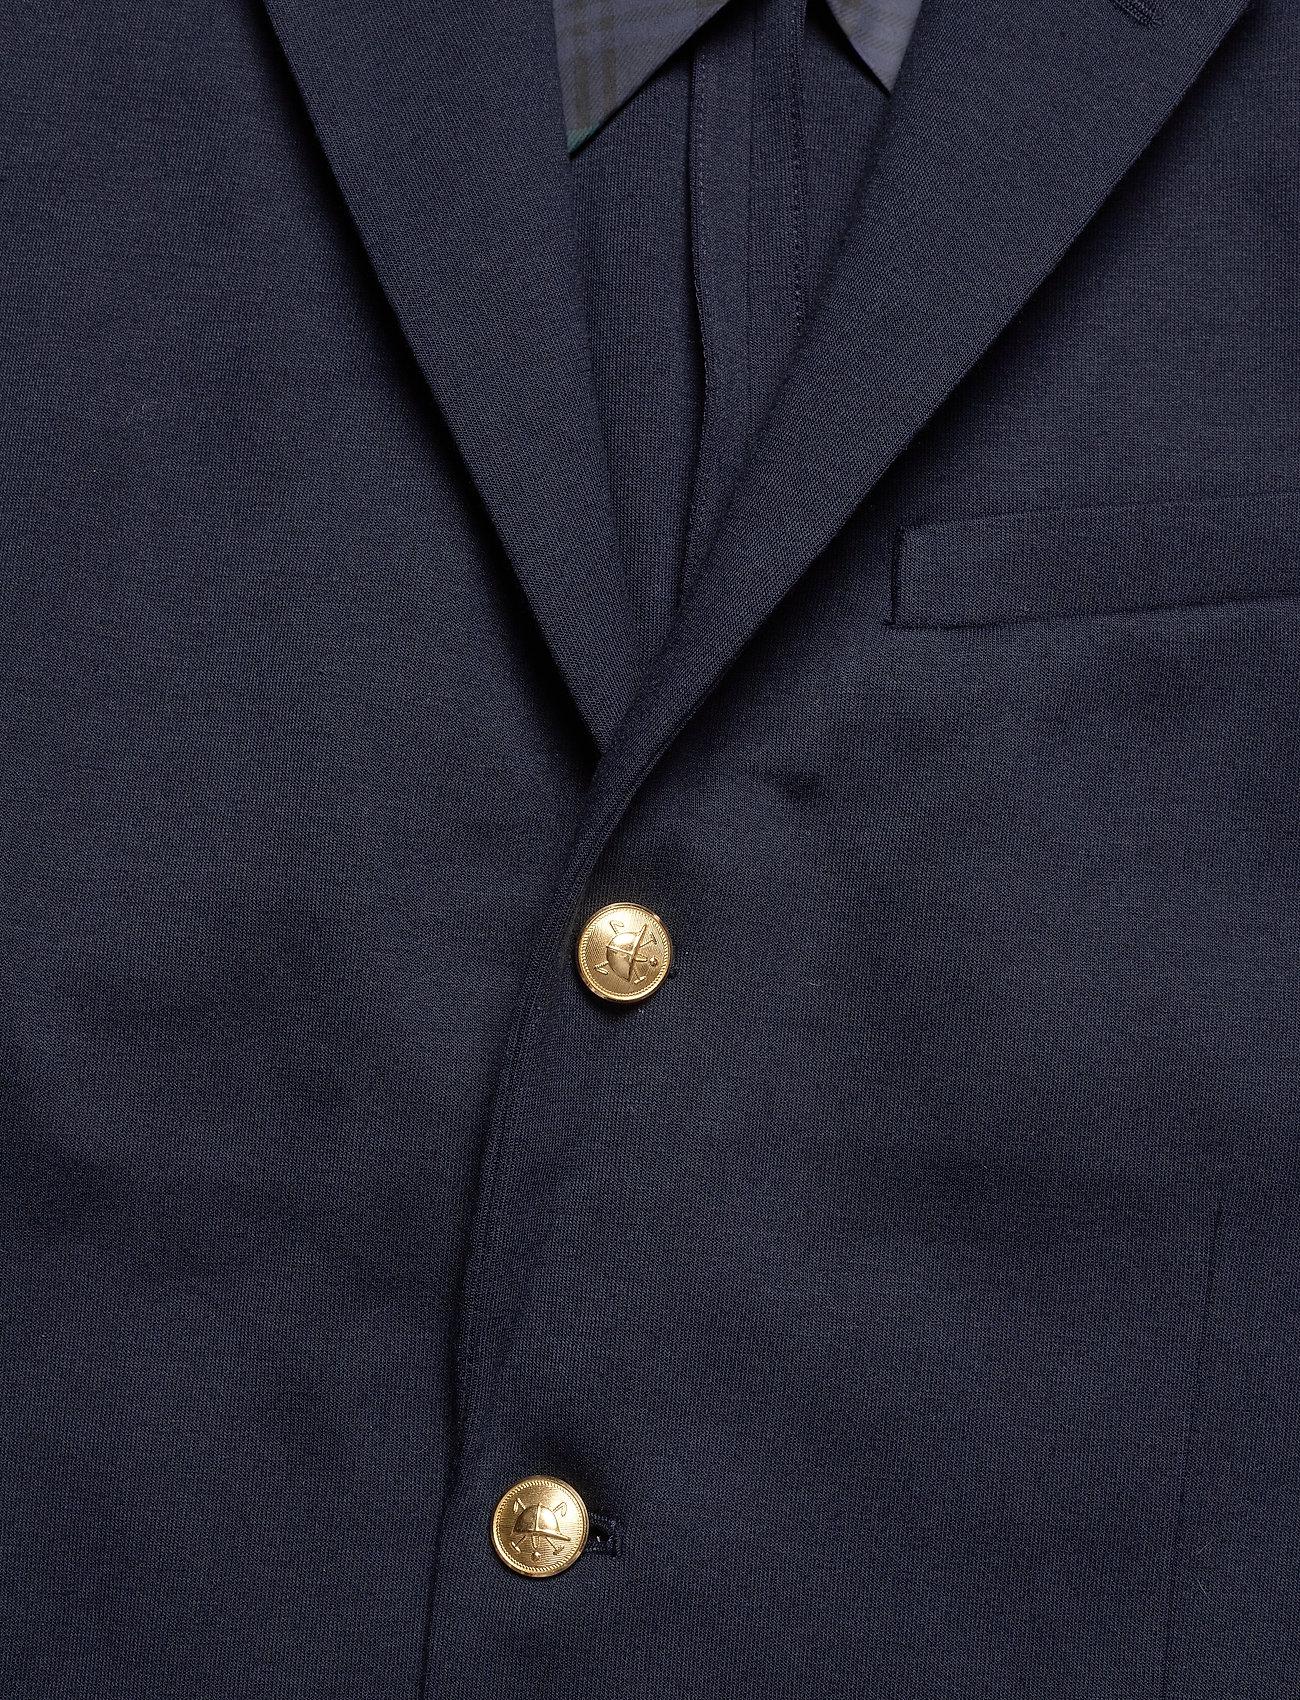 Lsblazerm2-long Sleeve-knit (Aviator Navy) (1757.25 kr) - Polo Ralph Lauren